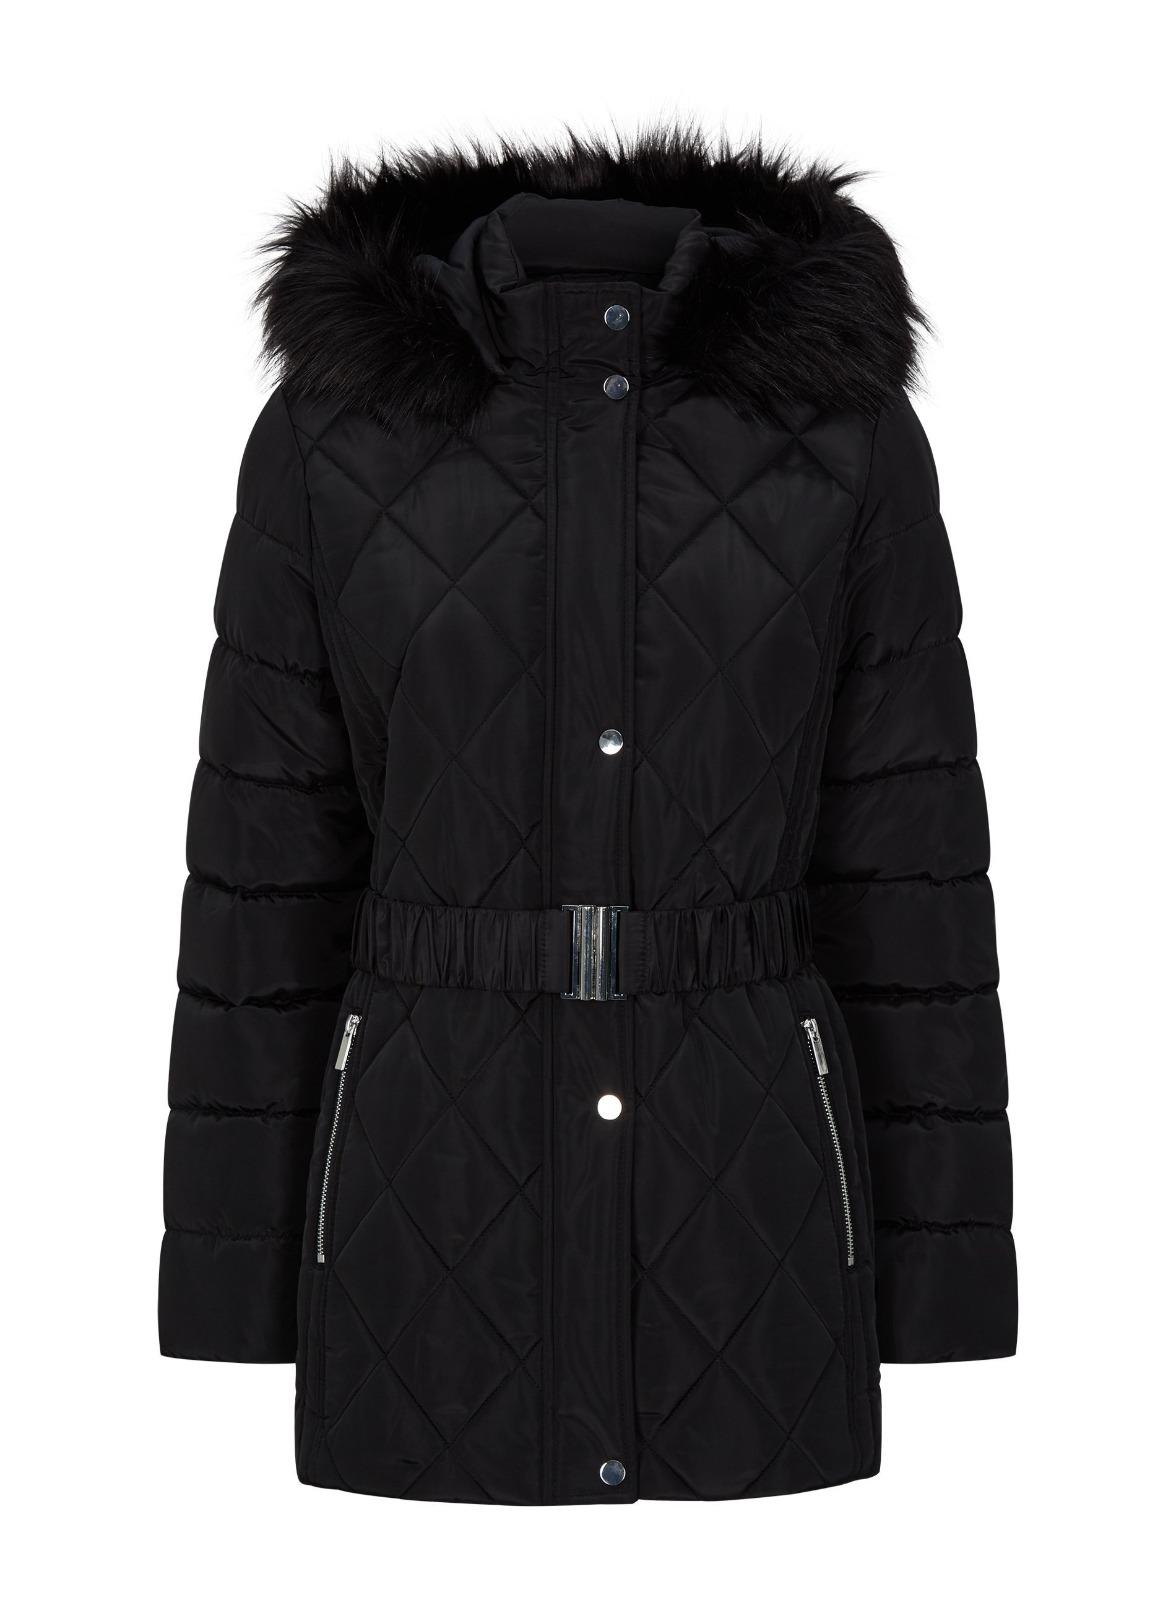 miniature 22 - DP Femme Noir Hiver Court Fourrure Veste Matelassée Manteau Taille 8 10 12 14 16 18